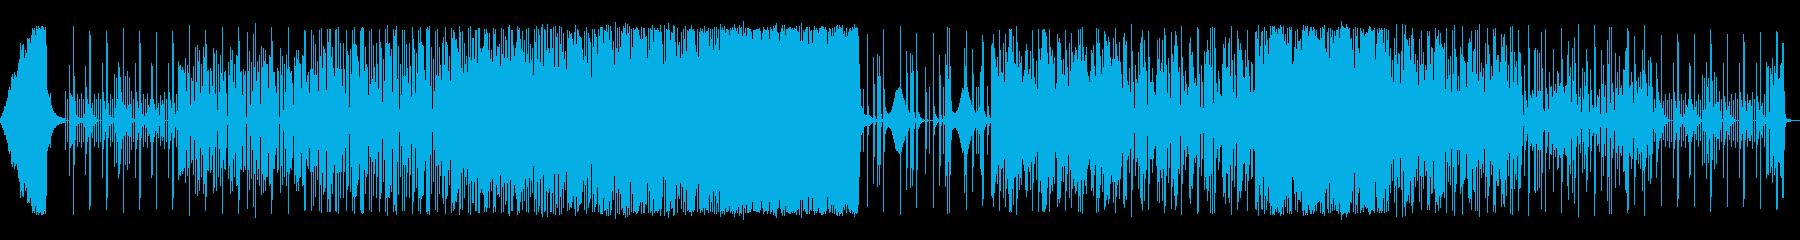 ありがちなEDMです。の再生済みの波形